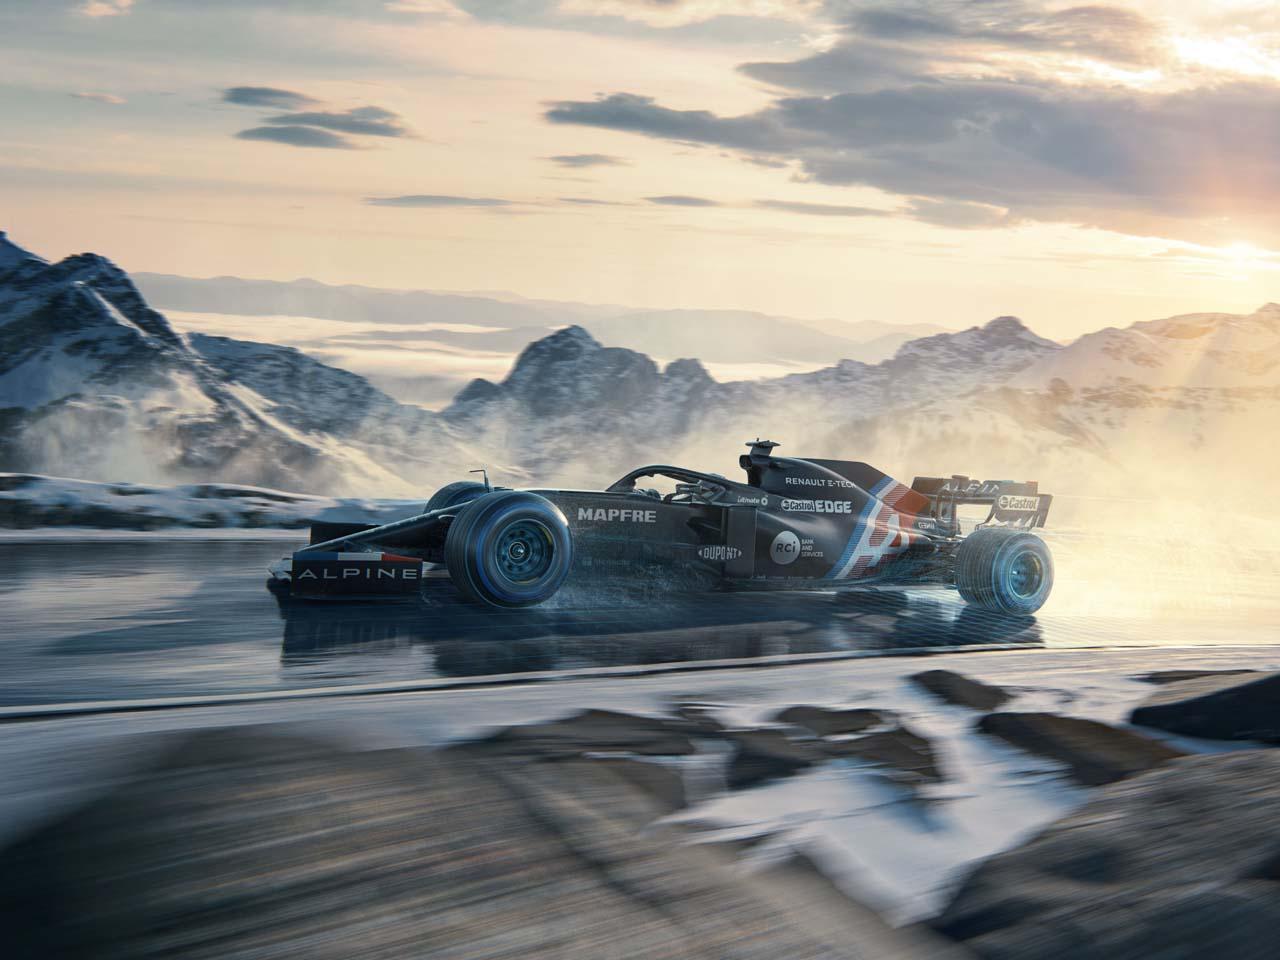 Alpine: Neue Marke für rein elektrische High-Tech-Sportwagen